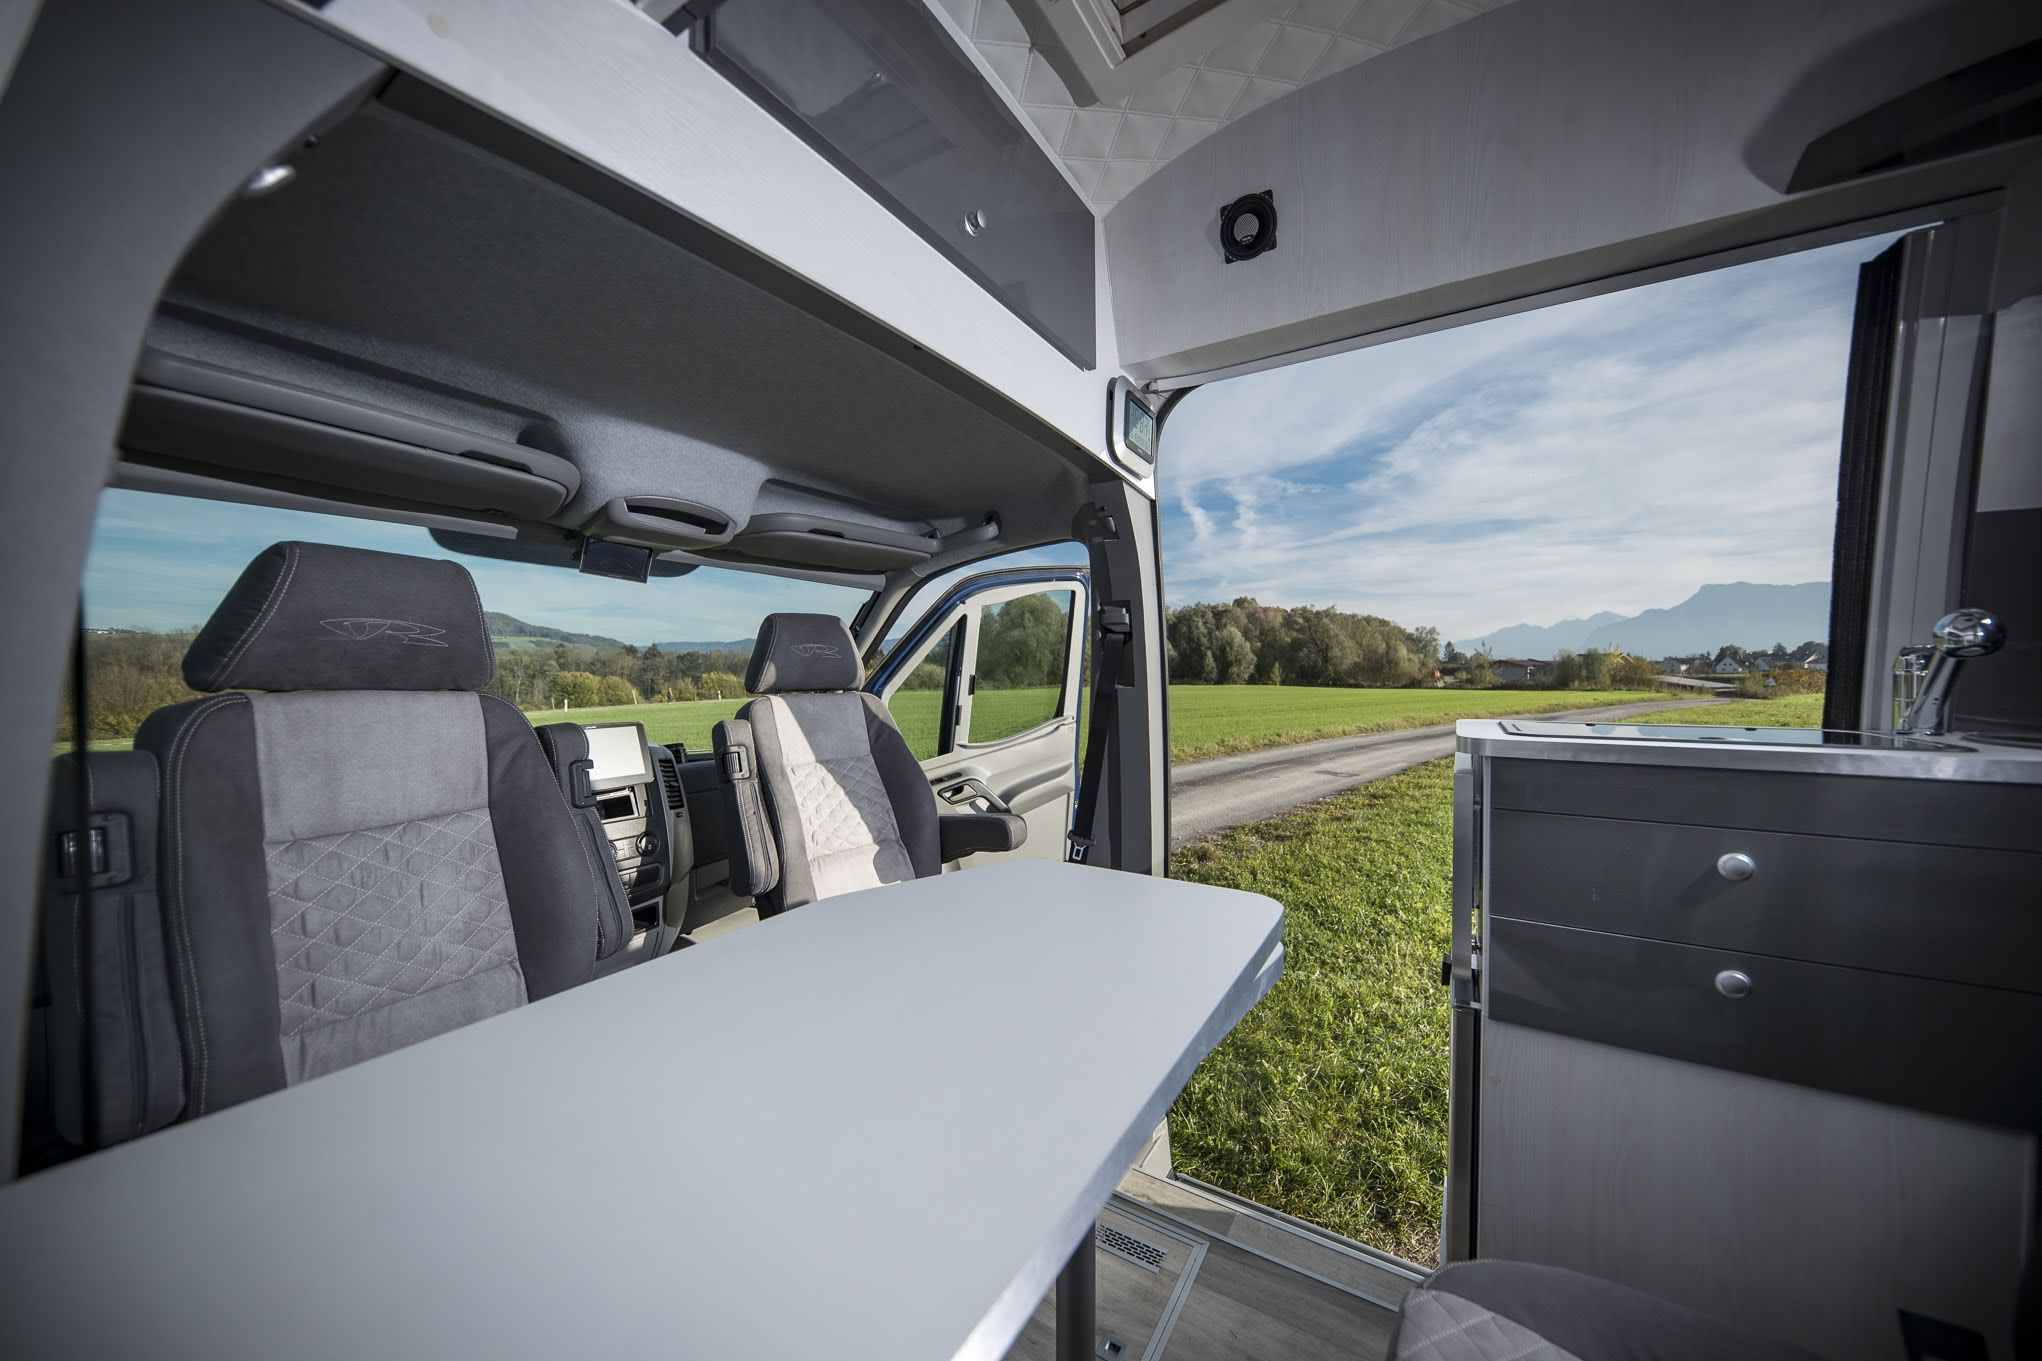 VR interior design camper architekt wohnmobil kastenwagen luxus sportscraft sitze isri aguti alpine 903 Androit focal boxen